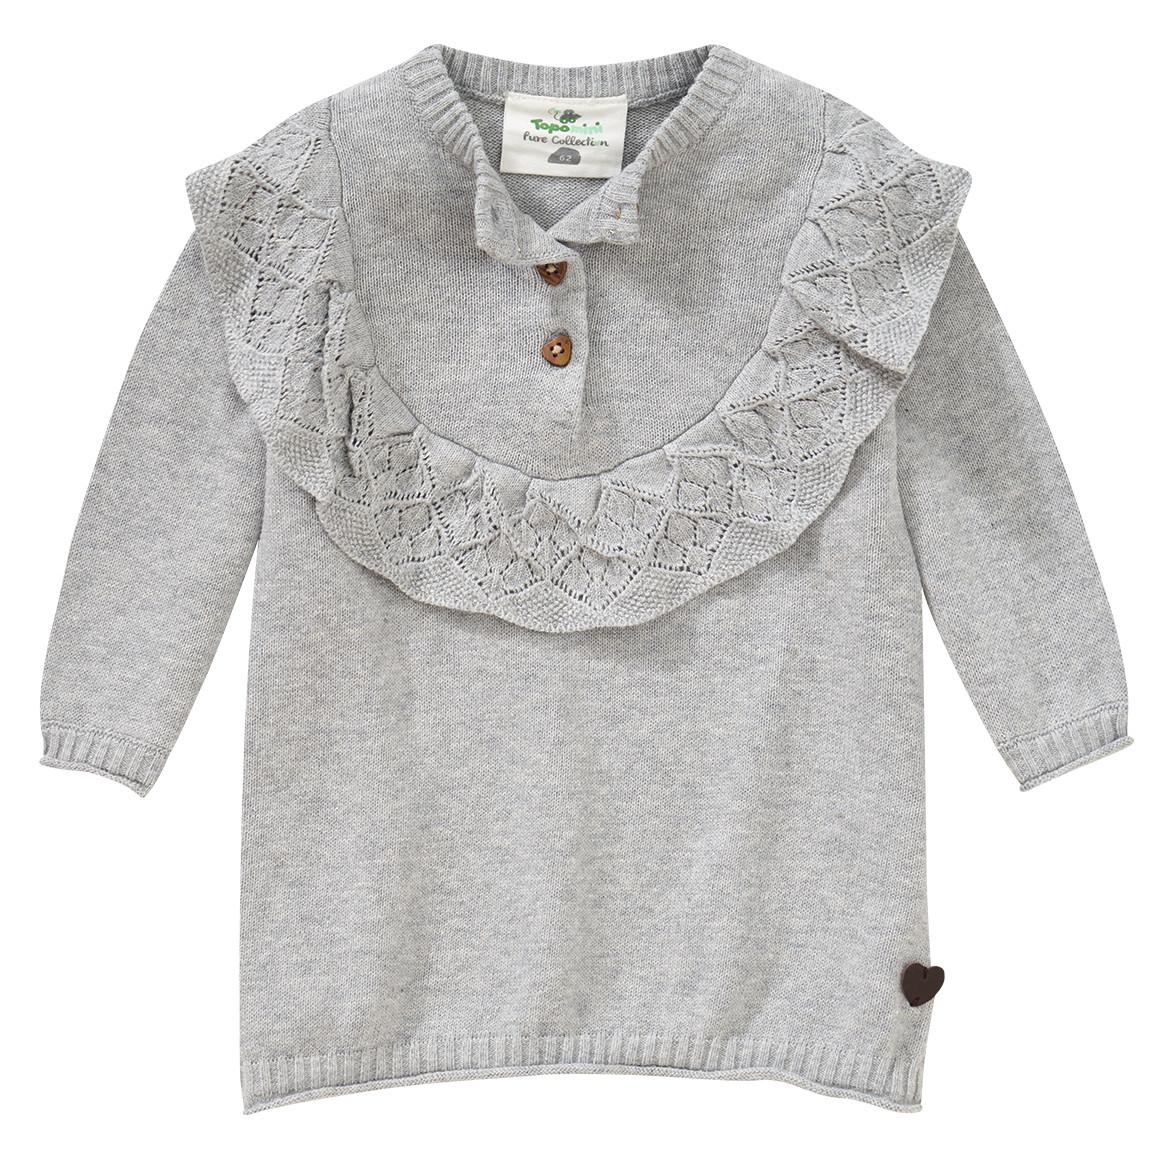 Babykleiderroecke - Newborn Strickkleid mit Rüschen - Onlineshop Ernstings family